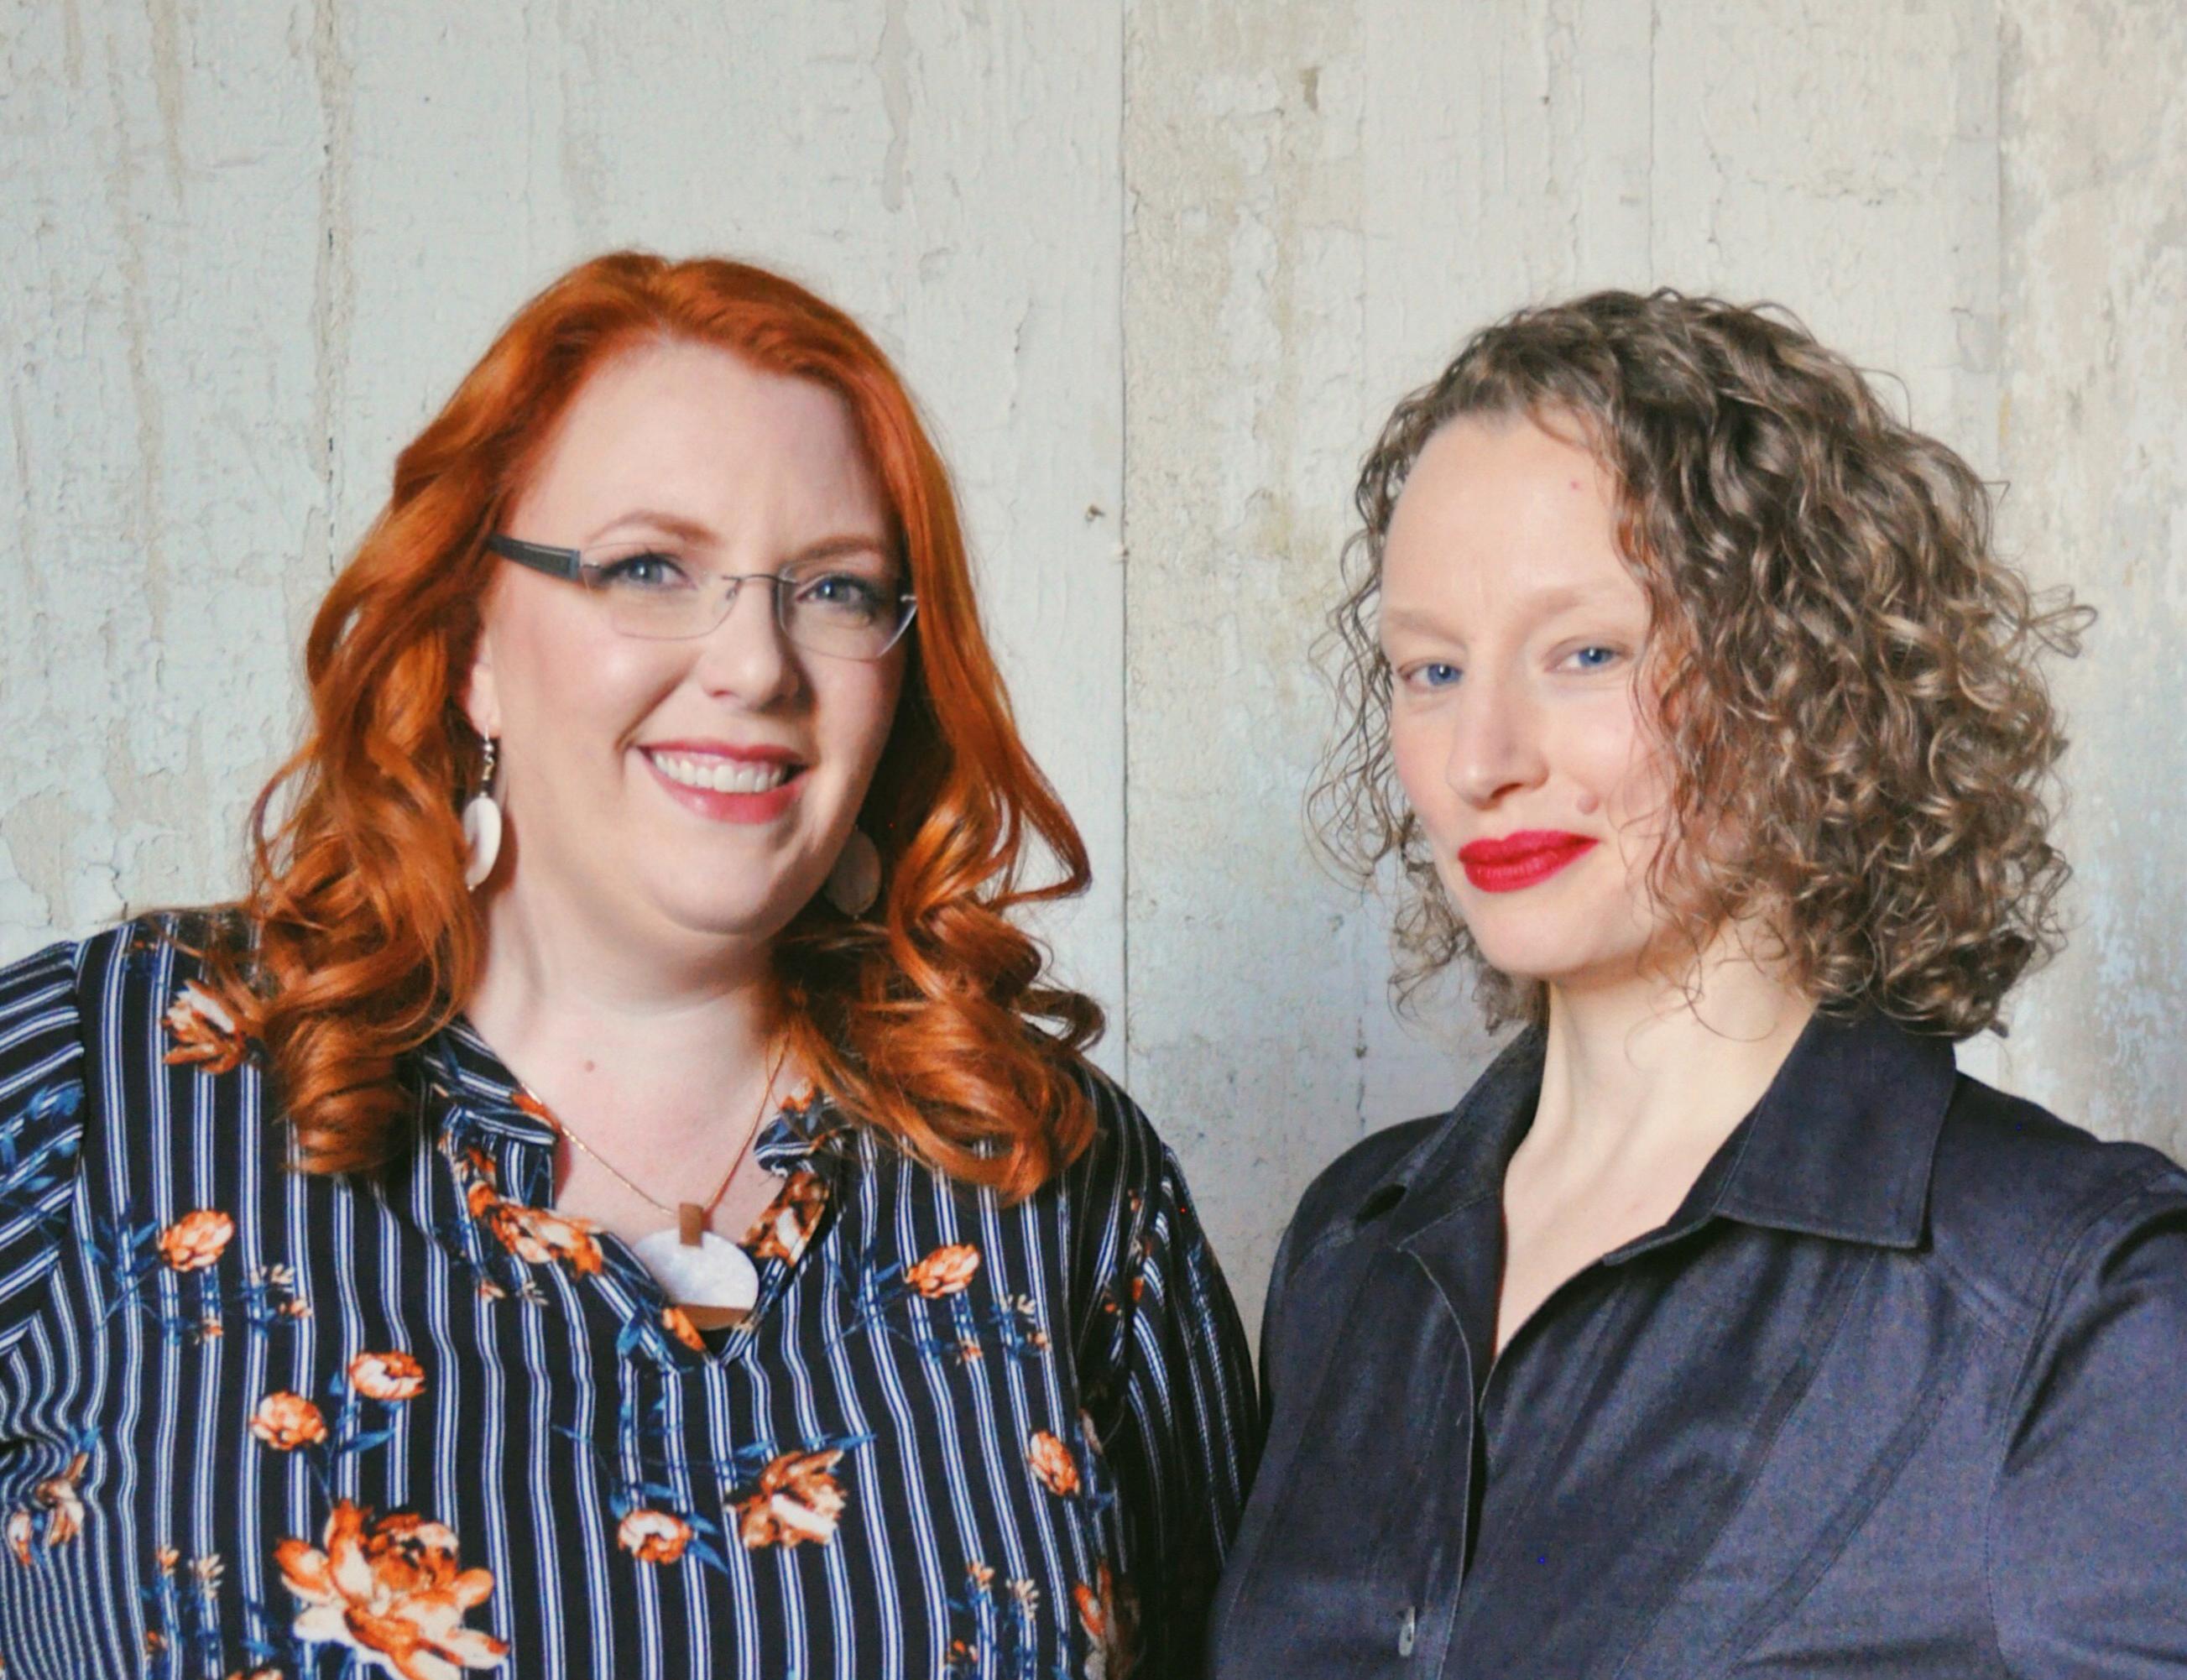 Anna and Sarah